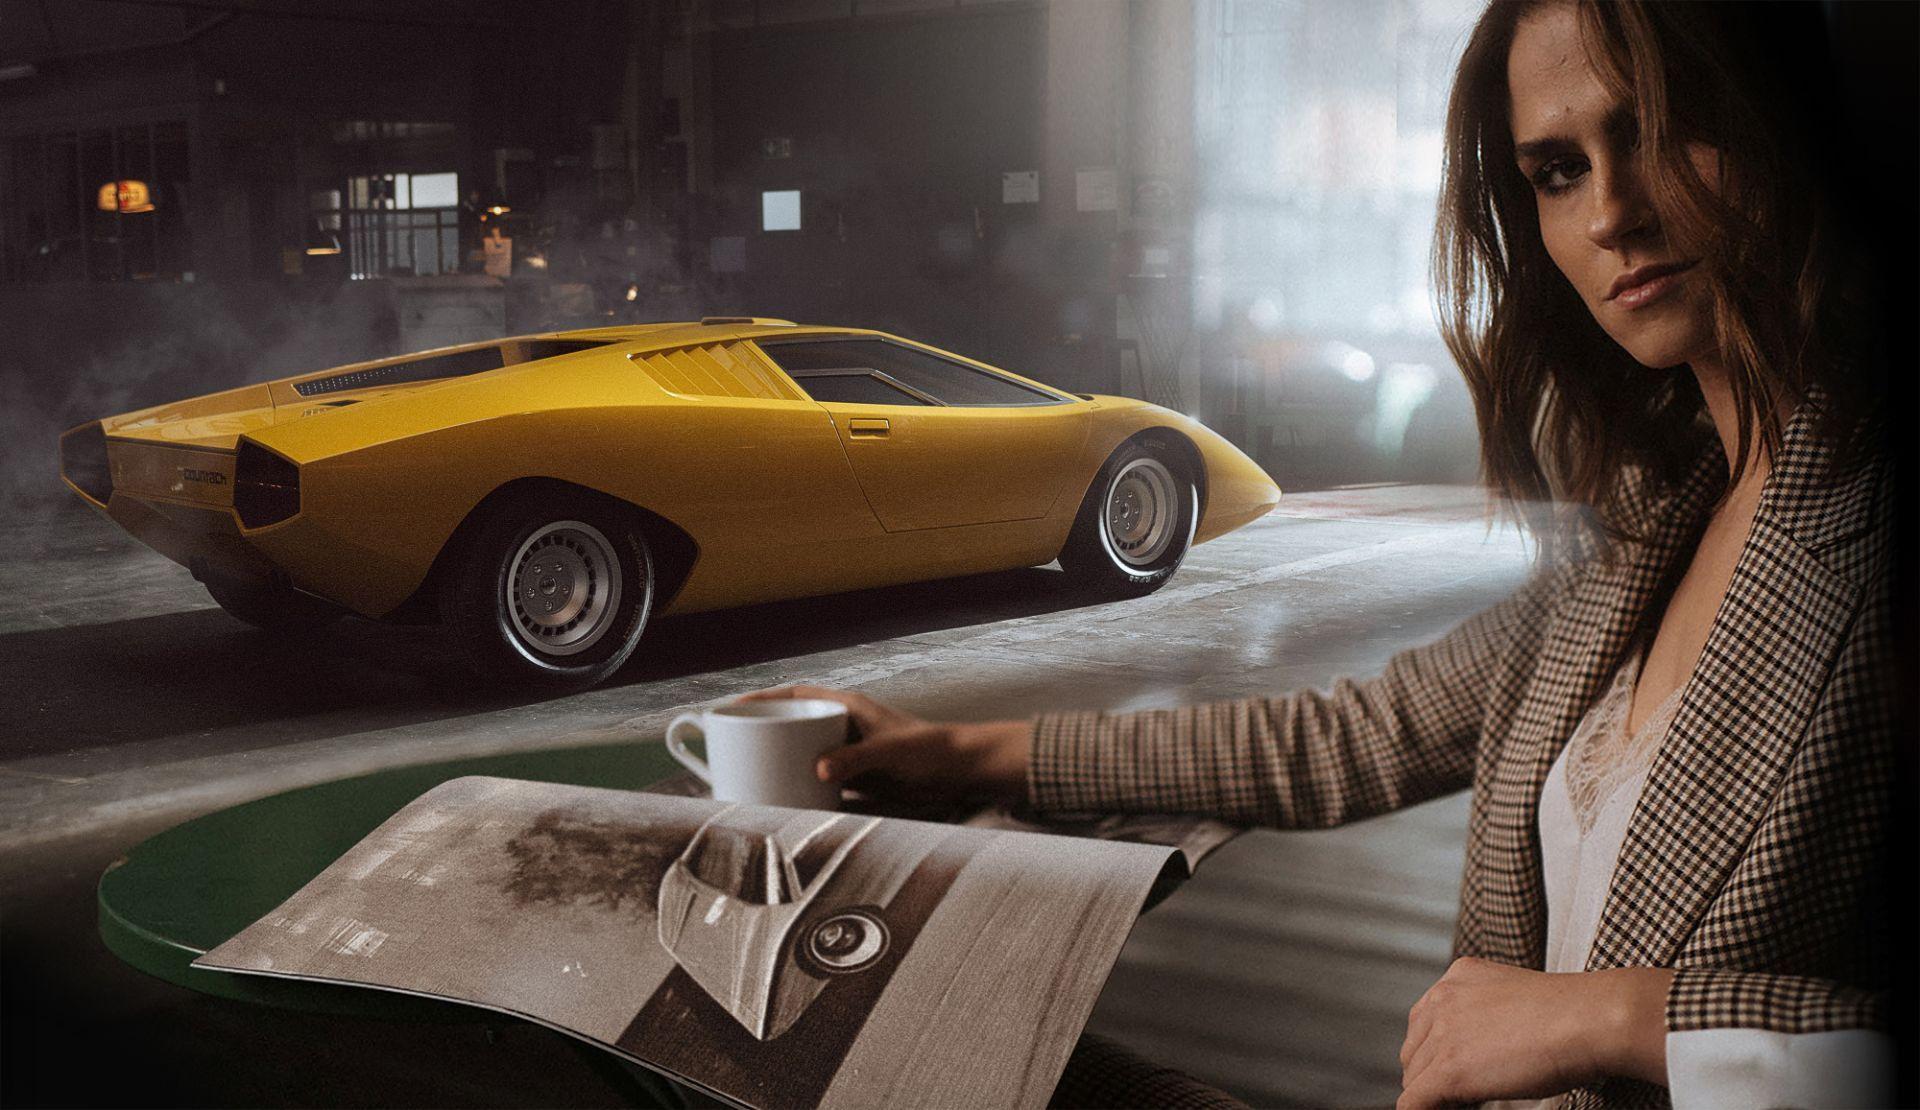 Lamborghini-Countach-LPI-800-4-118